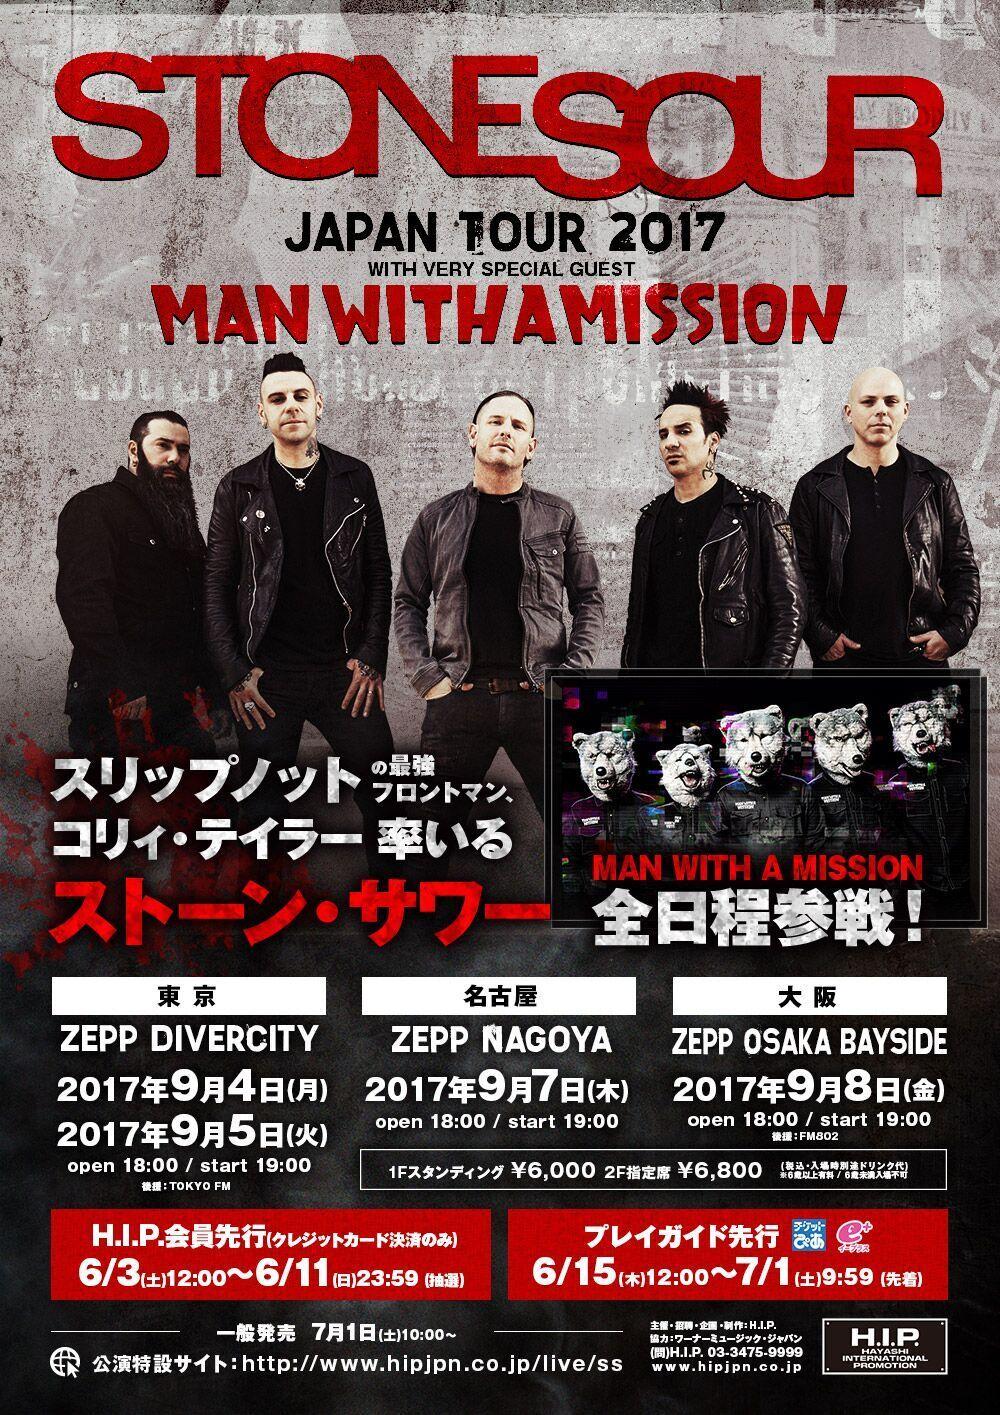 tone Sour Japan Tour 2017